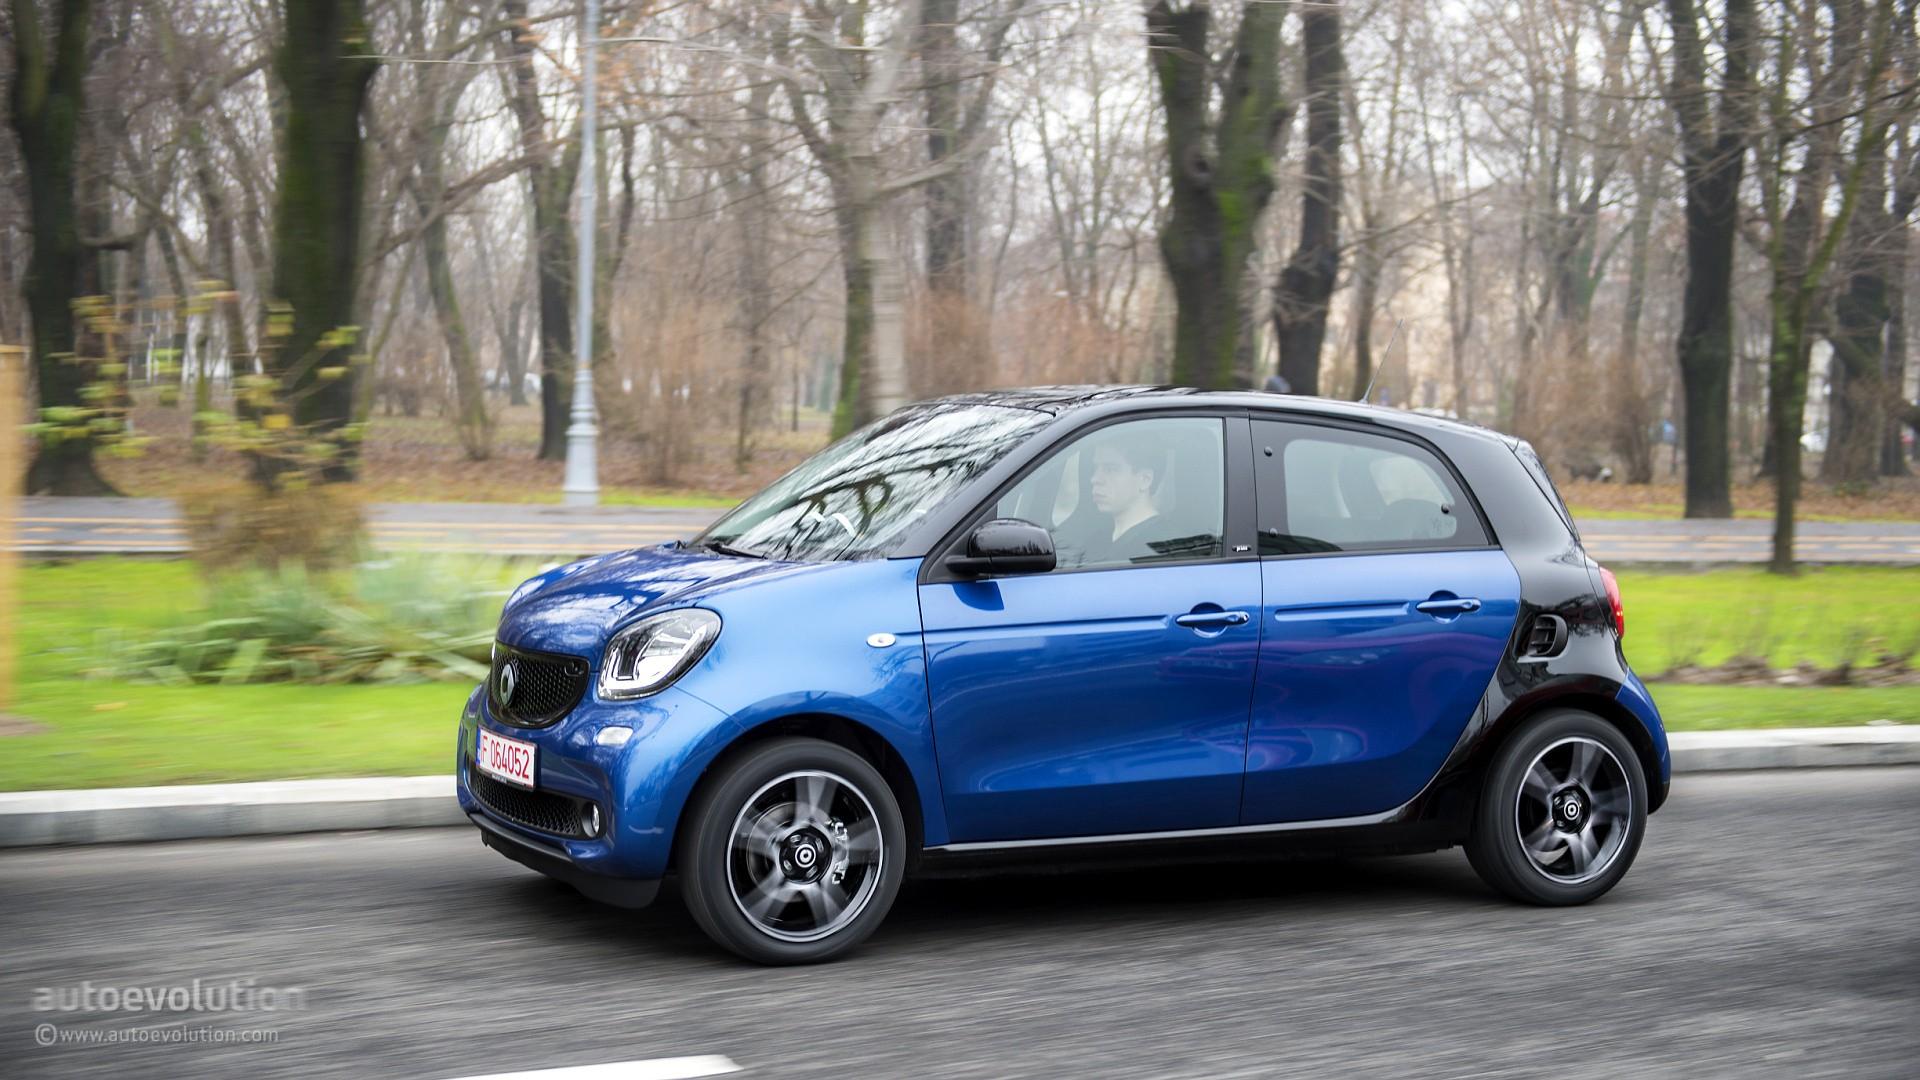 2015 Smart Forfour Review - autoevolution